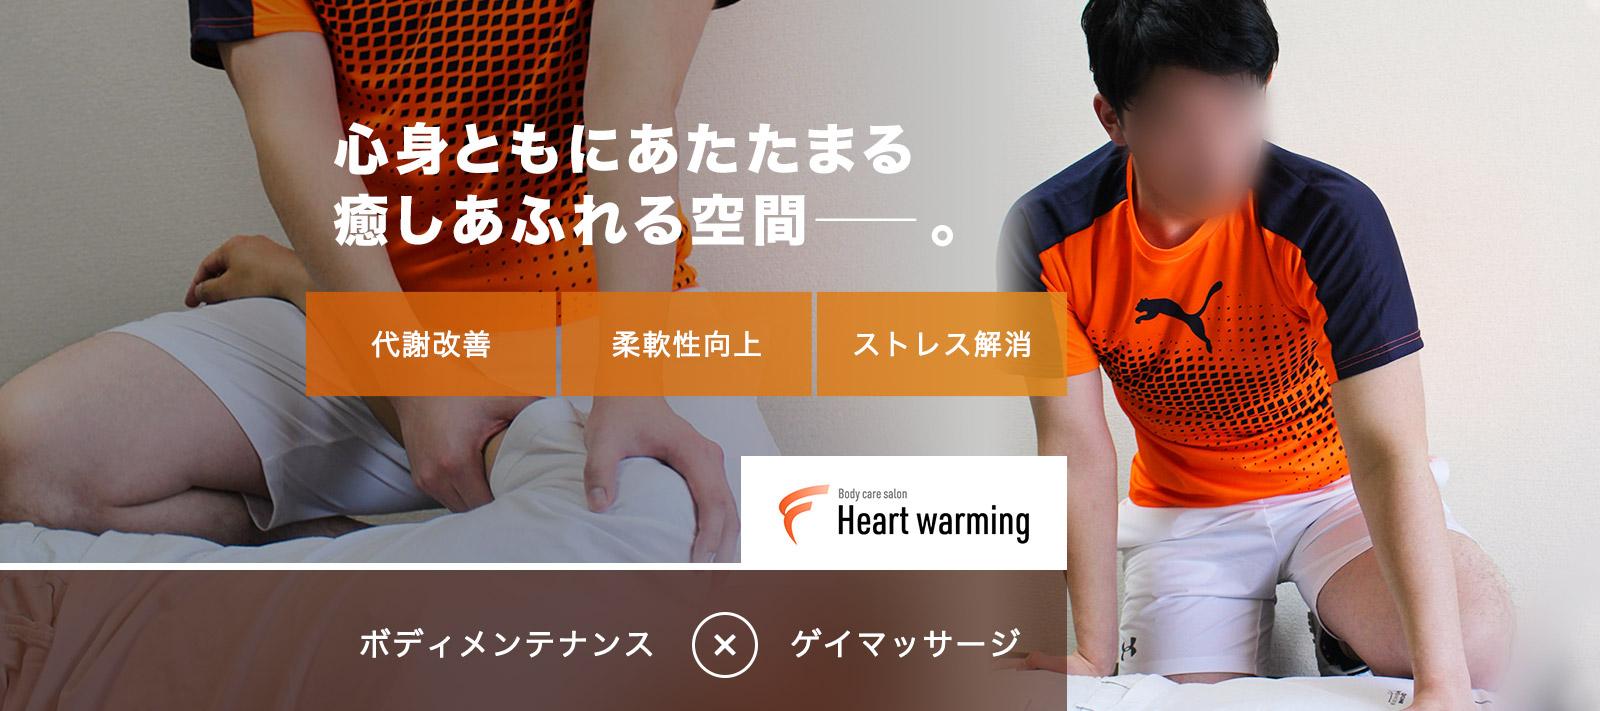 東京ゲイマッサージ専門店Heartwarmingはこちら